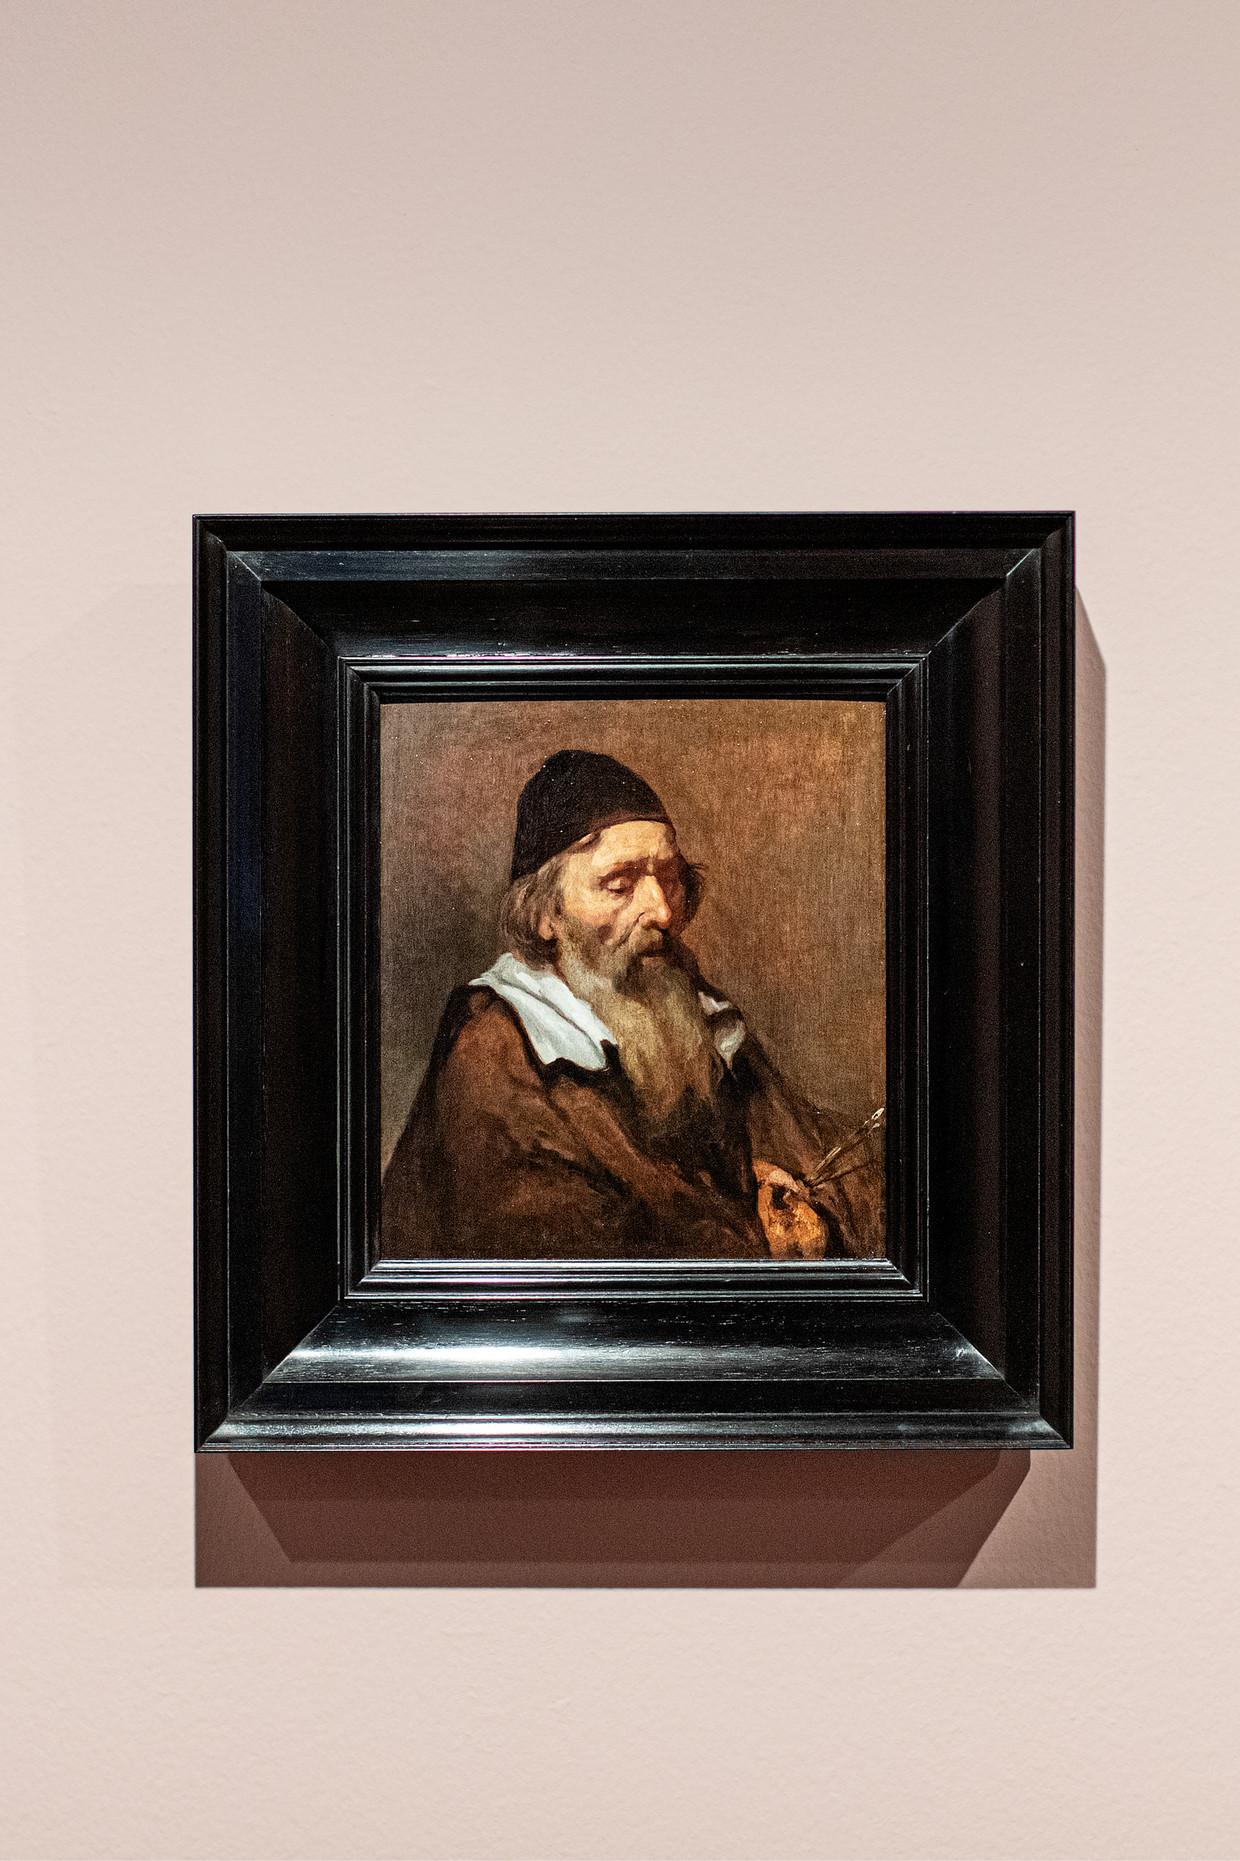 De oude schilder (ca. 1657) van Abraham van Dijck in het Rembrandthuis.